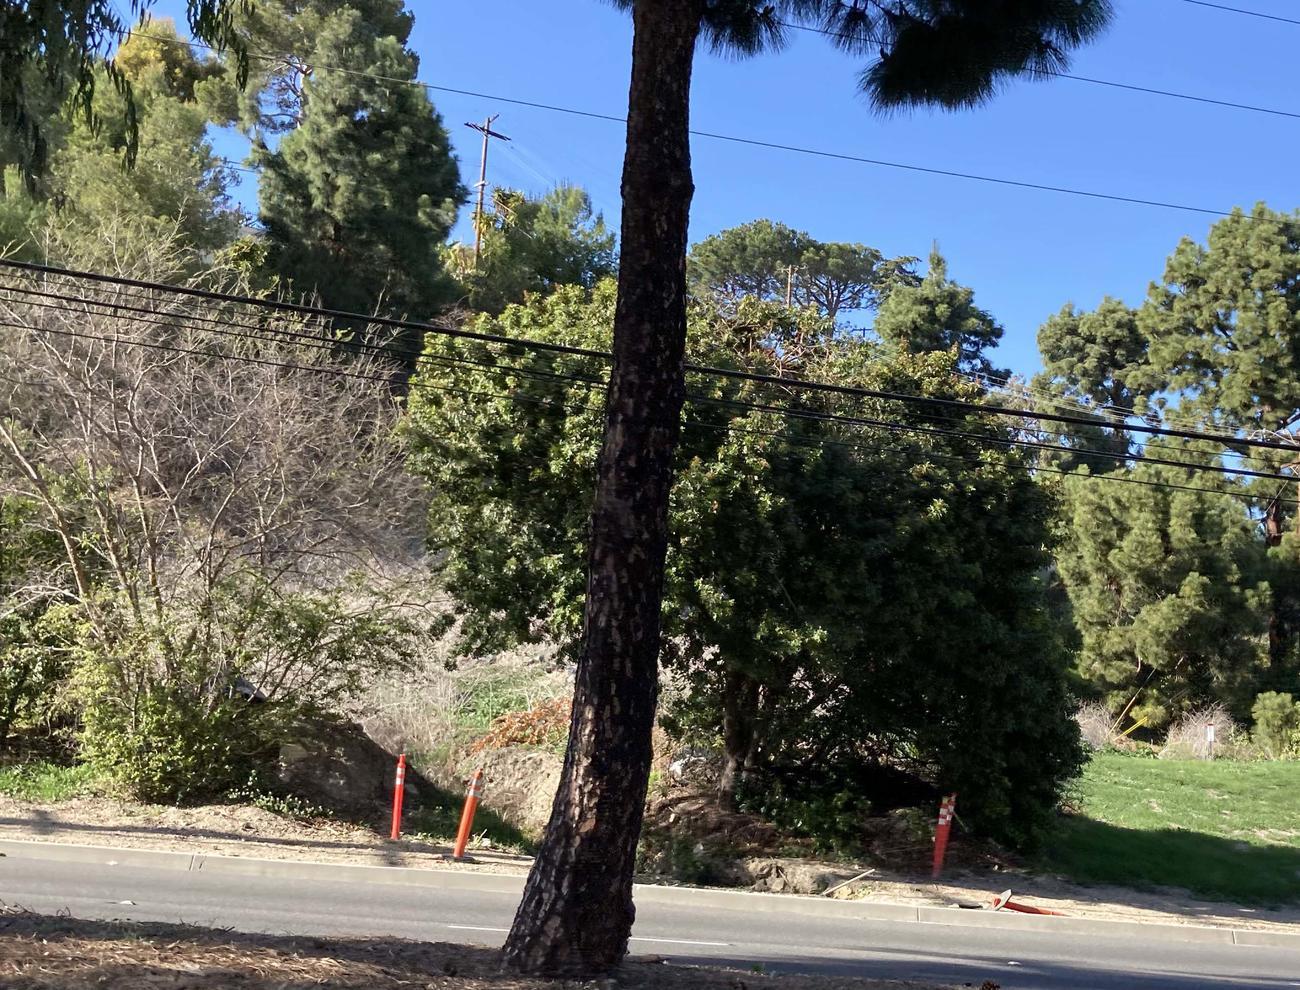 ウッズの車は手前の車線からこの木がある中央分離帯を越えて赤いポールの奥の草むらに転落しました